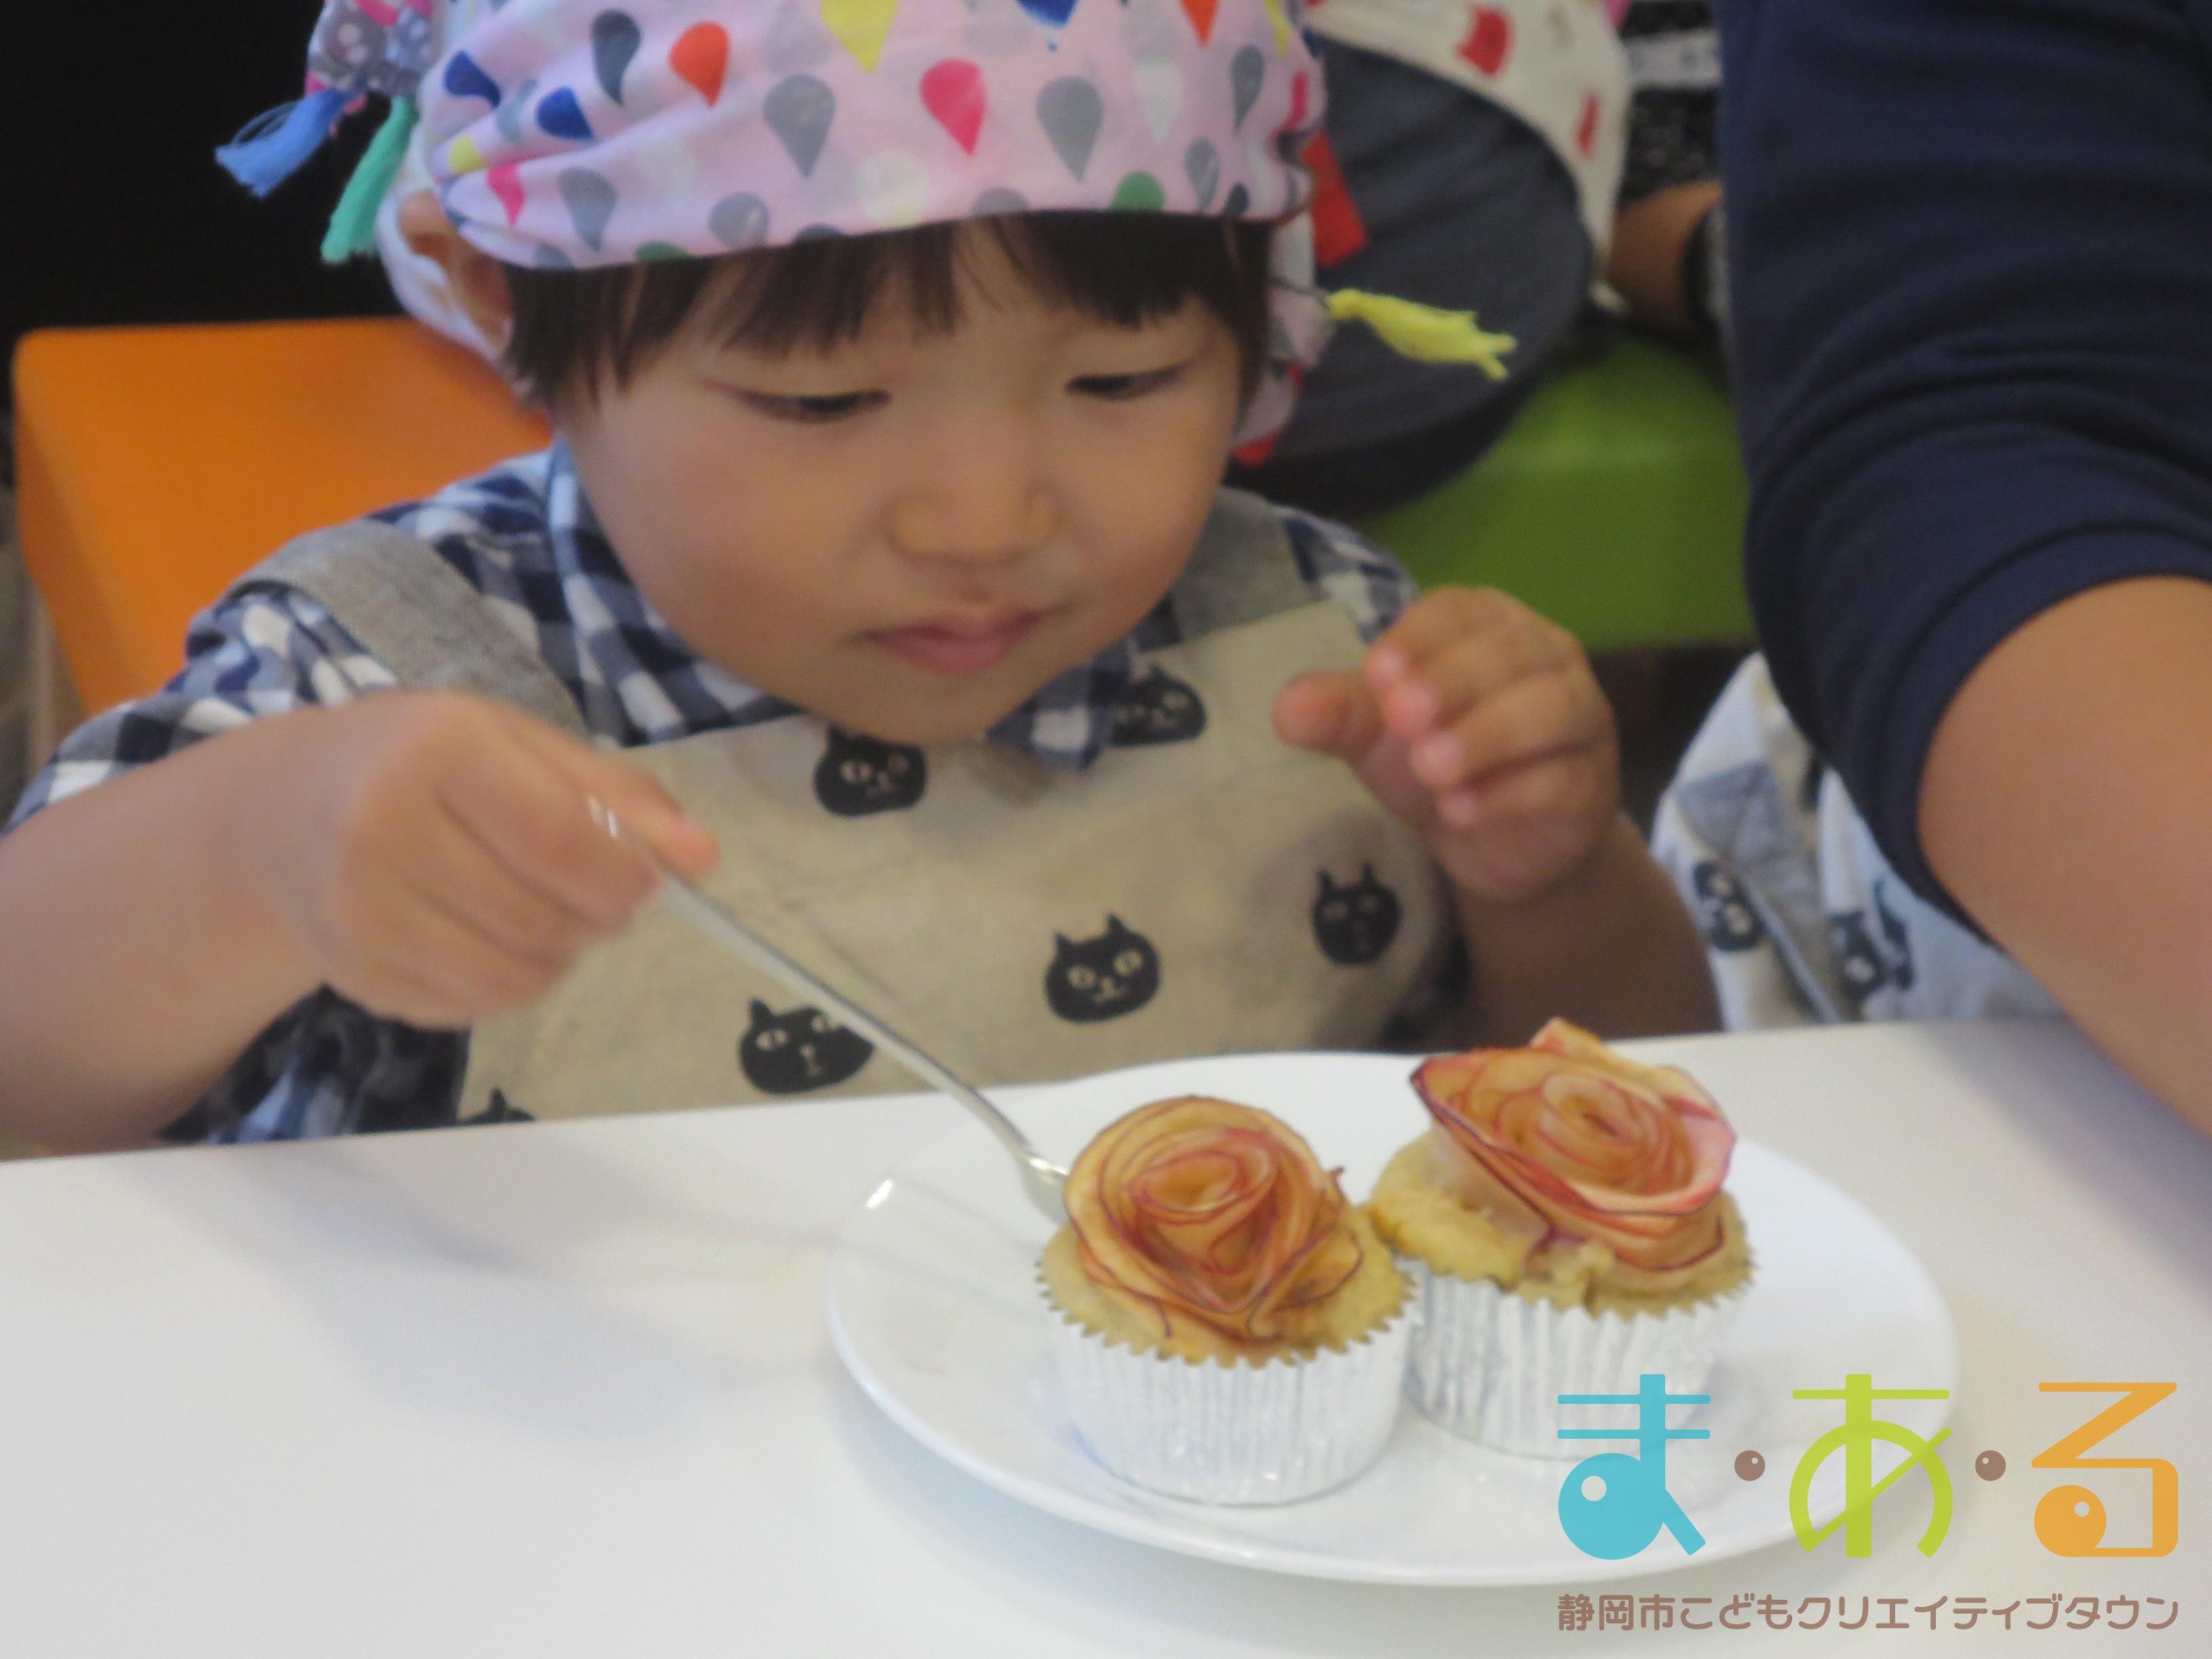 2017年10月10日かんたん♪クッキング~りんごのカップケーキ~